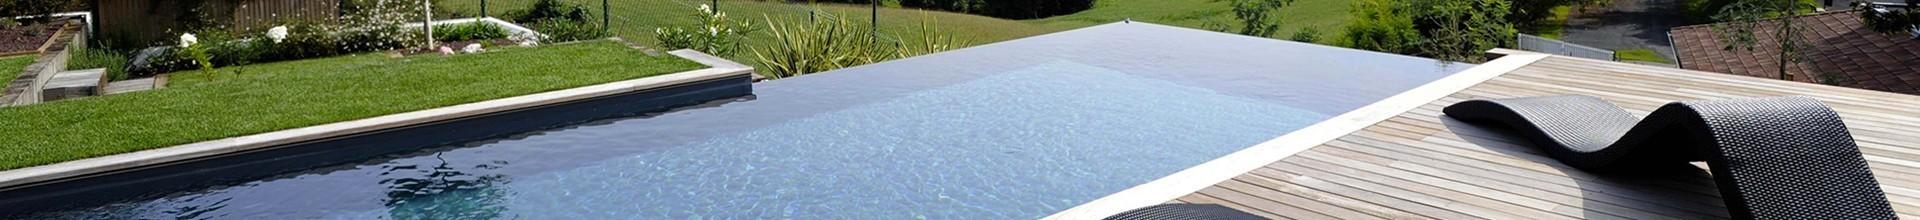 Direct usine, piscine coque prix Haut-Rhin